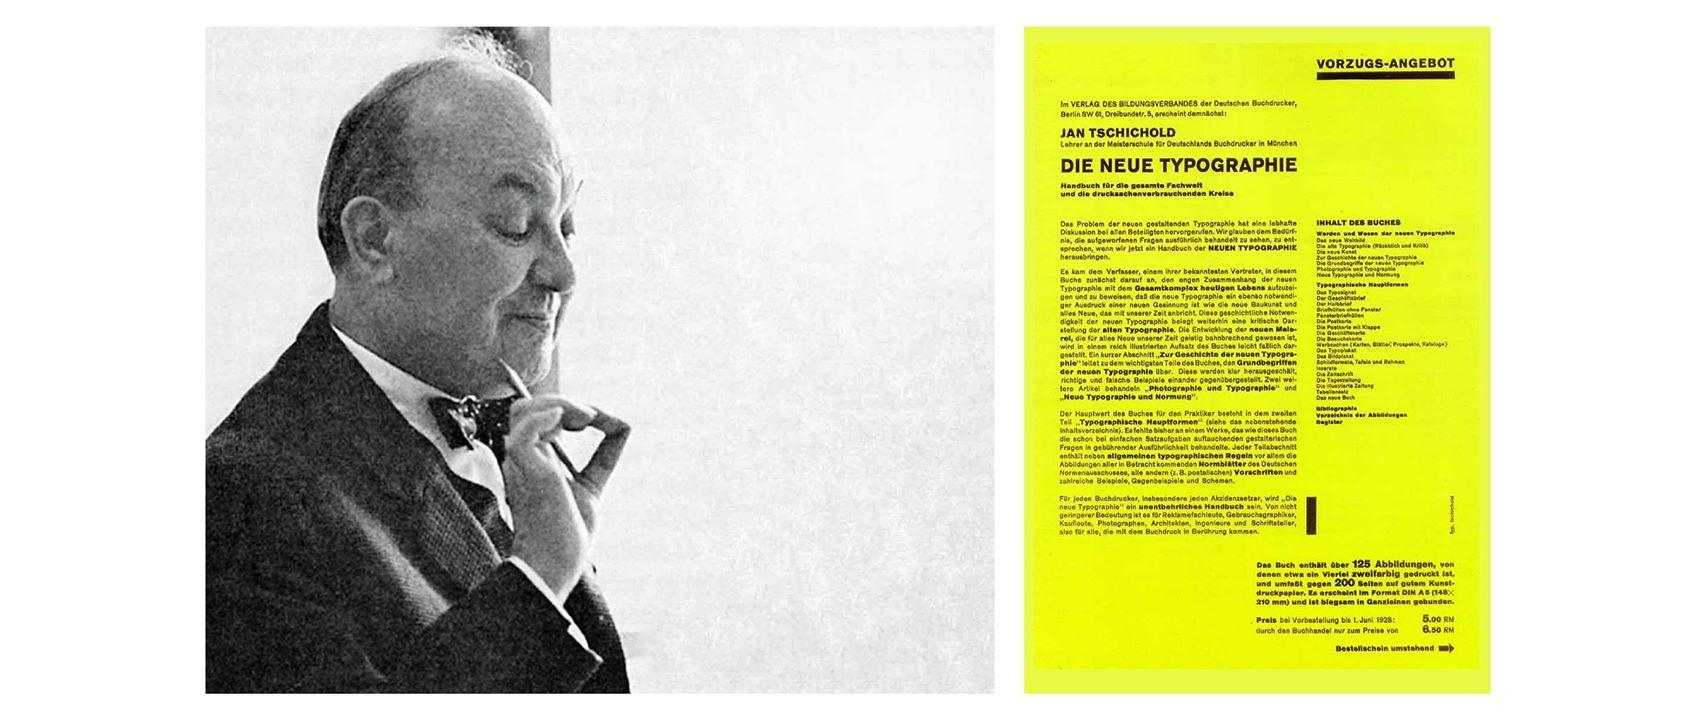 Jan Tschichold và cuốn Die Neue Typographie